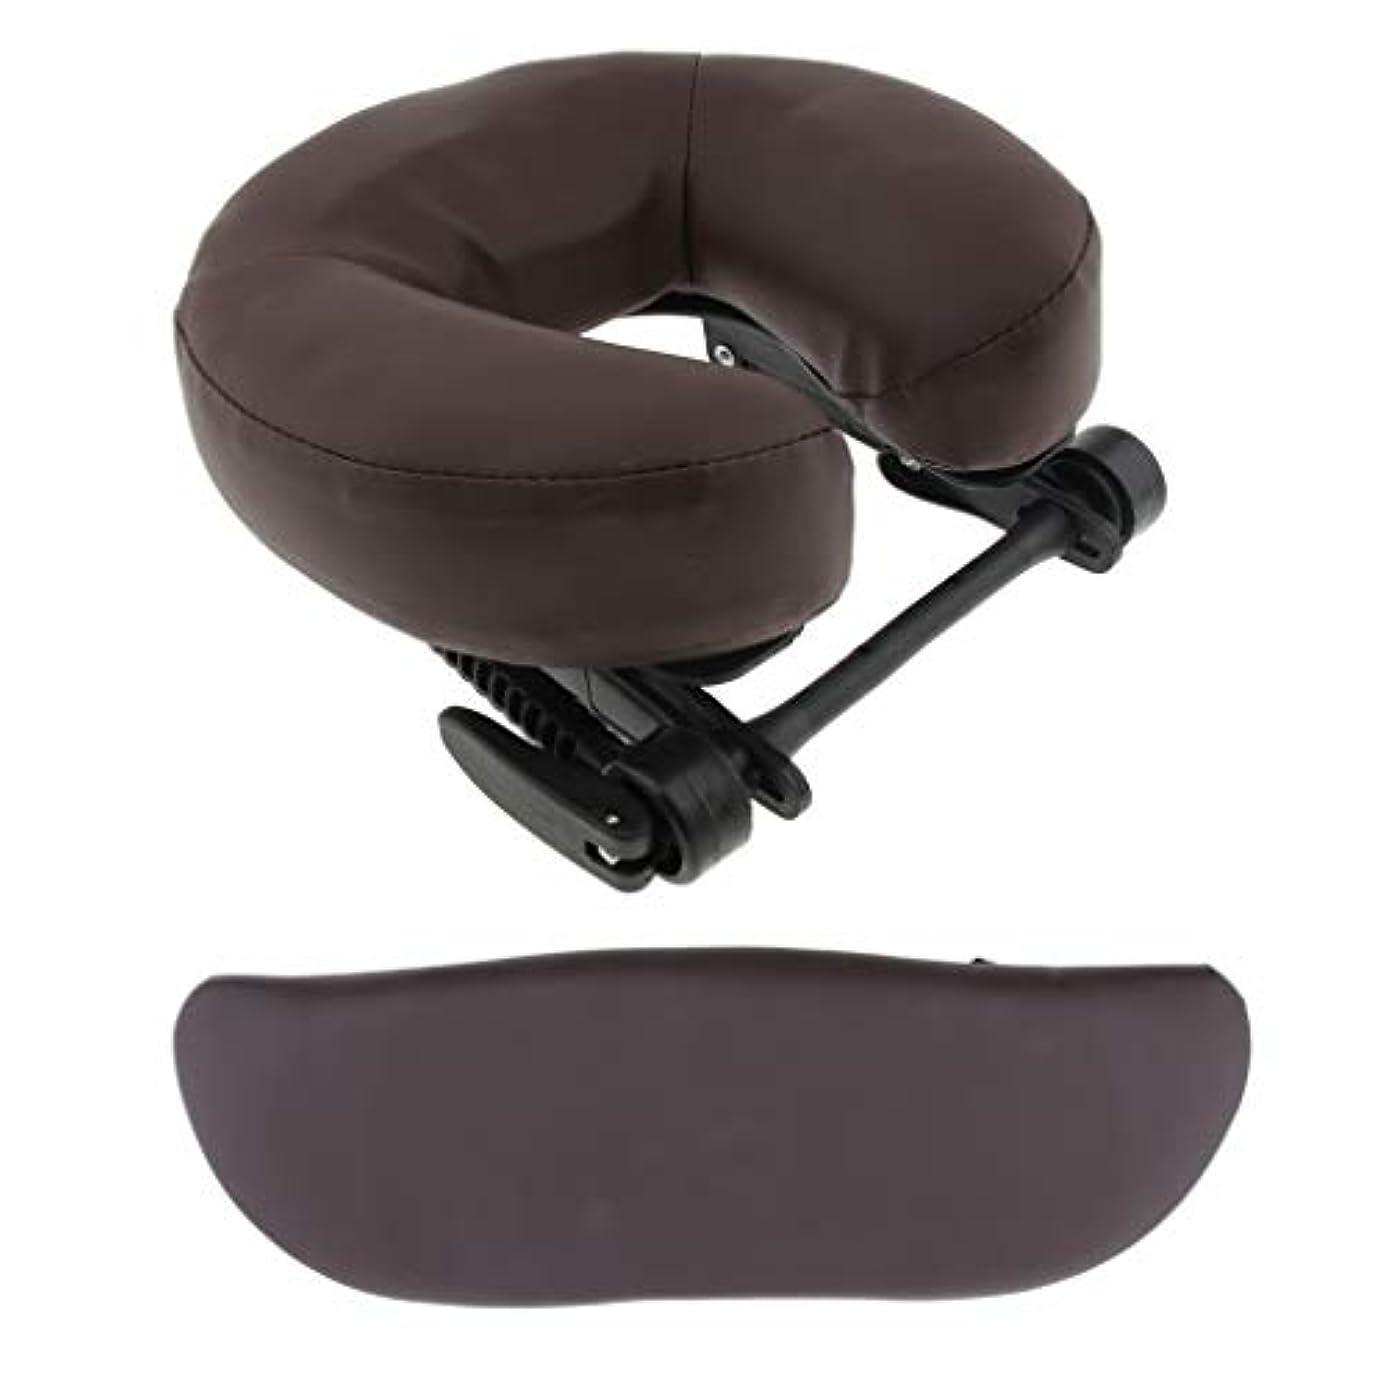 衣装吸い込むリーンマッサージベッド用 クッション サポートピロー 枕 サロン 3色選べ - 褐色